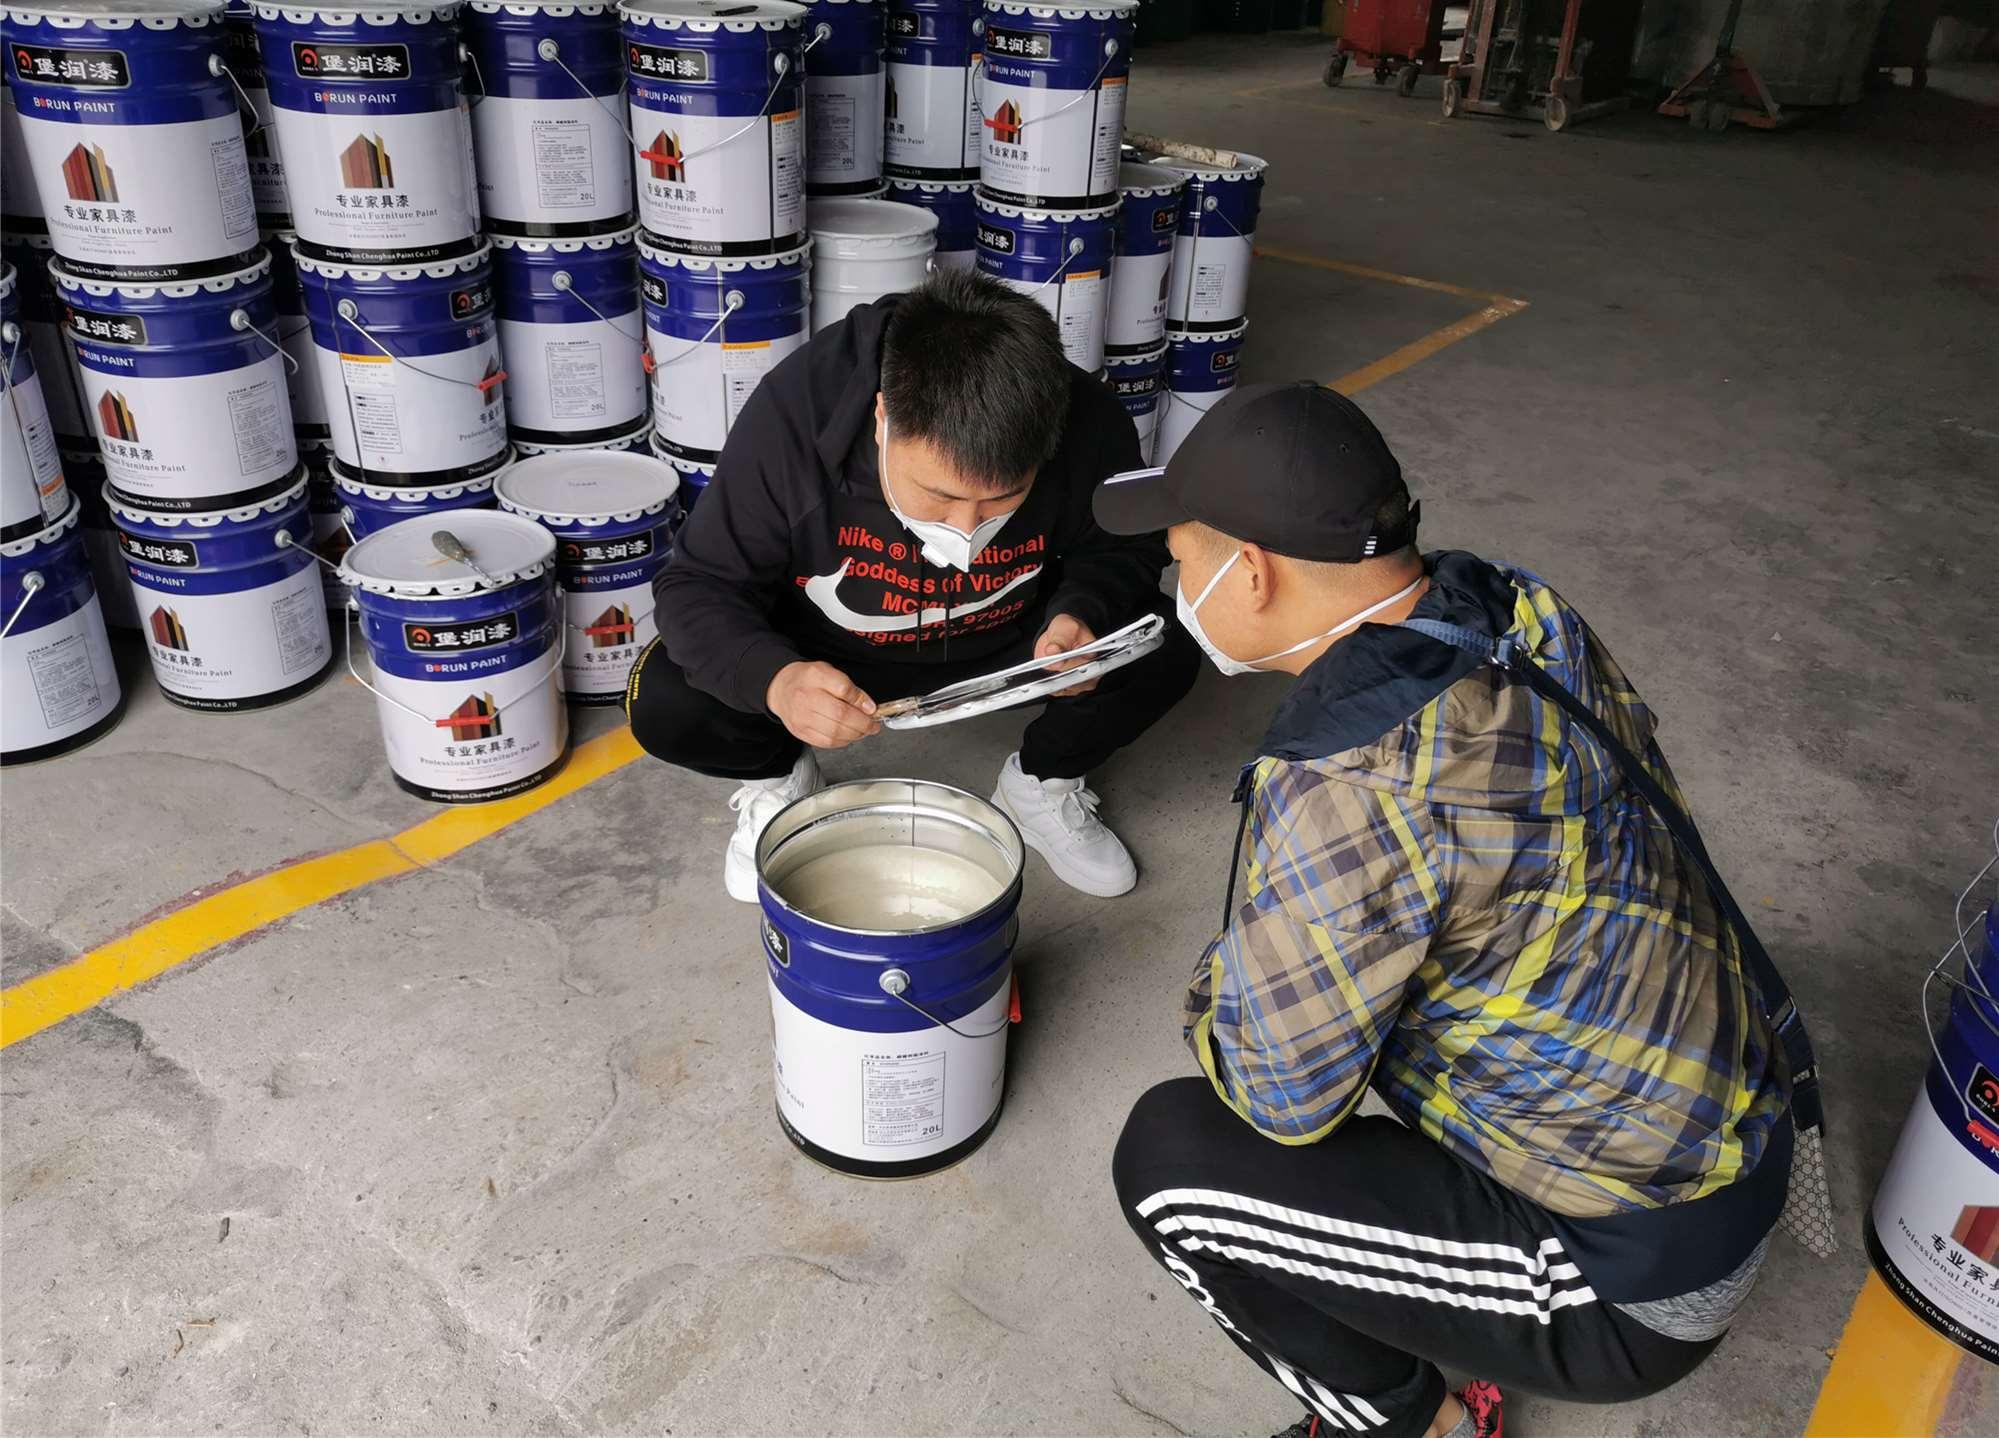 家具漆品牌和厂家,这些才是经销商选择的主要因素-堡润漆